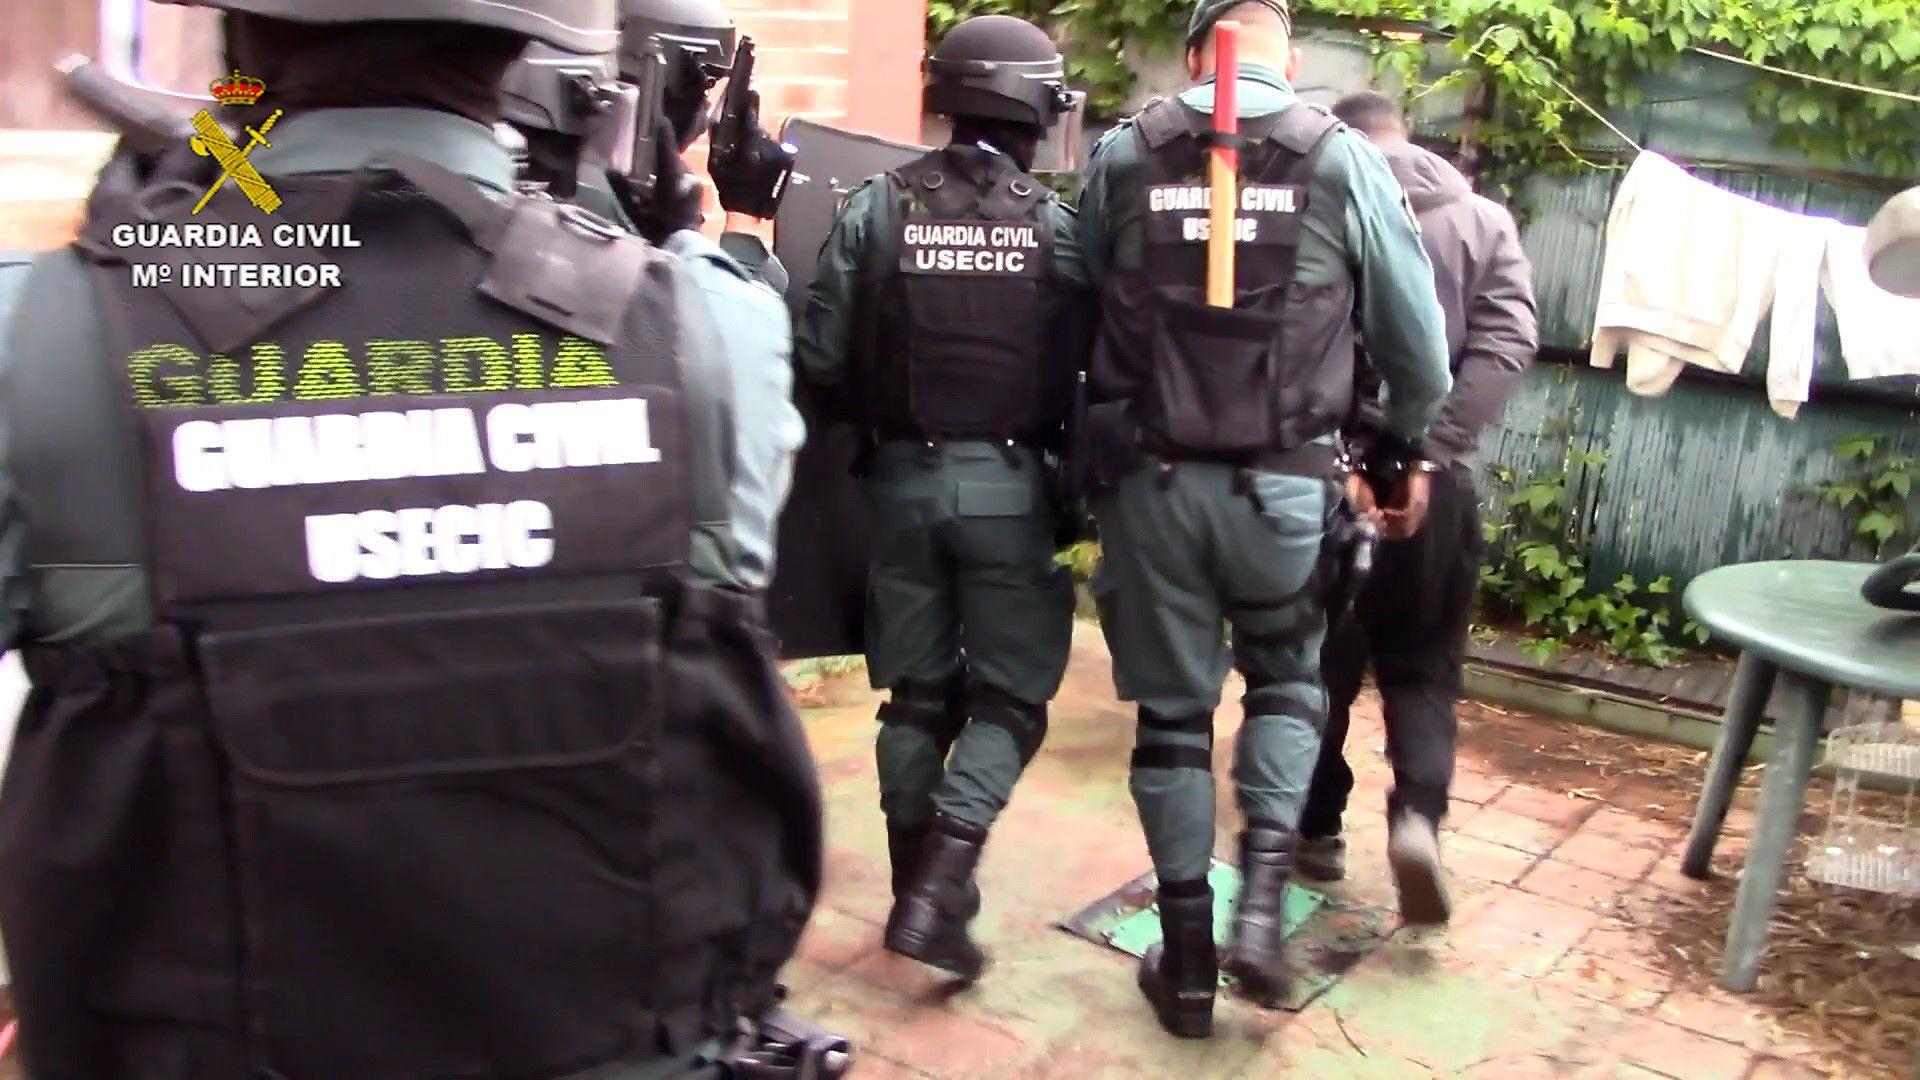 10-06-2021 Operación 'RUVAN'. Efectivos del Equipo Territorial de Policía Judicial de la Guardia Civil de Almansa y de la Unidad Orgánica de Policía Judicial de la Benemérita albaceteña, dentro de la operación 'Ruvan', han detenido a tres personas, de 29, 43 y 44 años de edad, de nacionalidades ecuatoriana, gambiana e hindú, como presuntas autoras de los delitos de estafa, falsedad documental, blanqueo de capitales y pertenencia a grupo criminal. POLITICA ESPAÑA EUROPA CASTILLA-LA MANCHA GUARDIA CIVIL